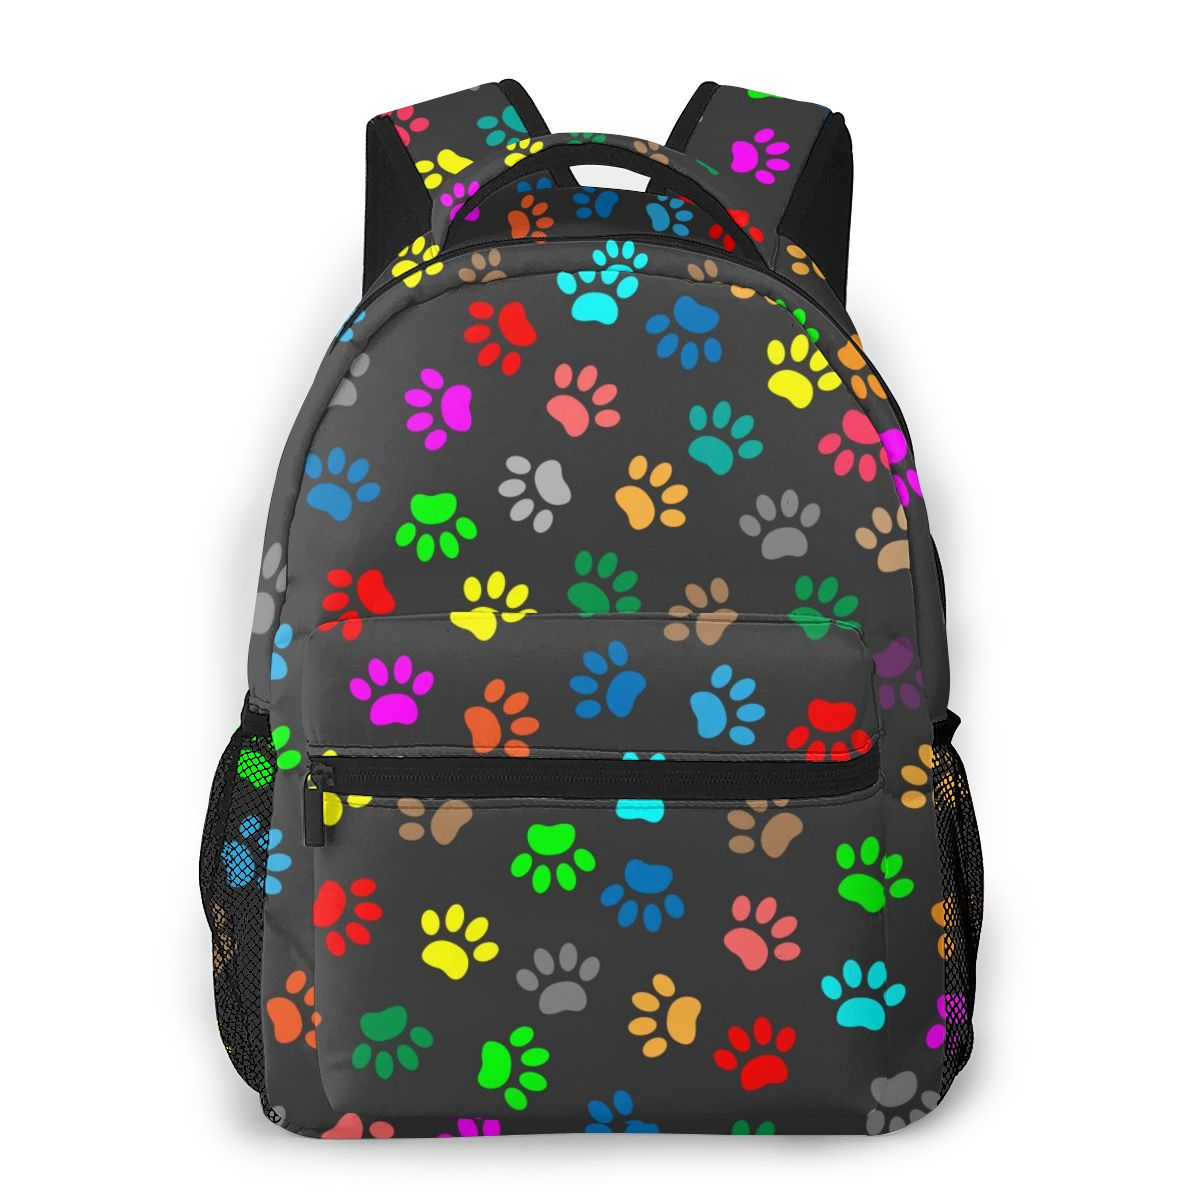 حقيبة ظهر كاجوال للمراهقين ، حقيبة سفر ملونة بطباعة مخالب حيوانات ، حقيبة مدرسية عصرية ، حقيبة كتف